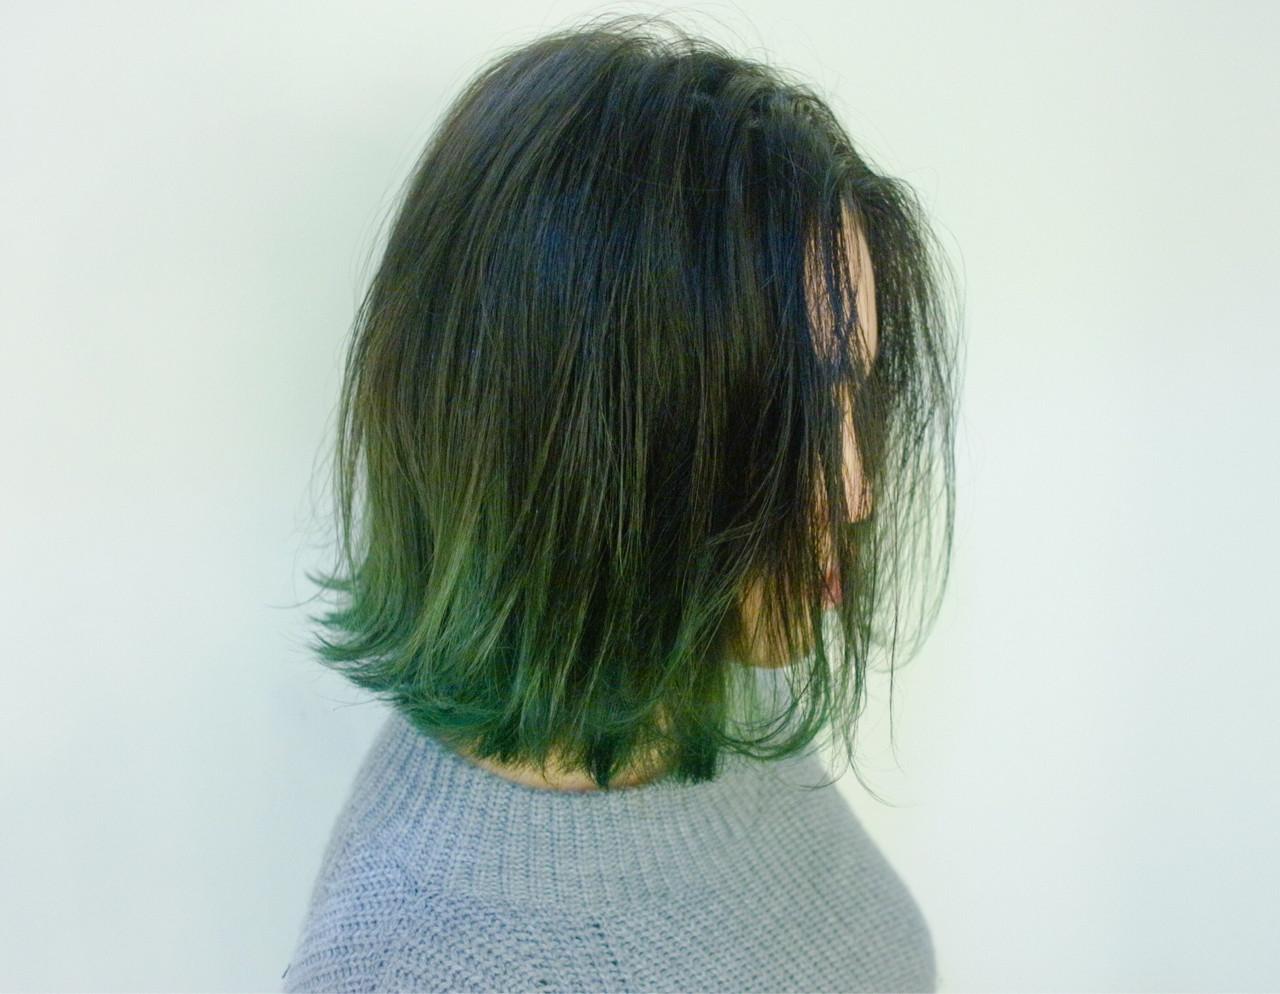 ボブ 外国人風 グラデーションカラー ストリート ヘアスタイルや髪型の写真・画像